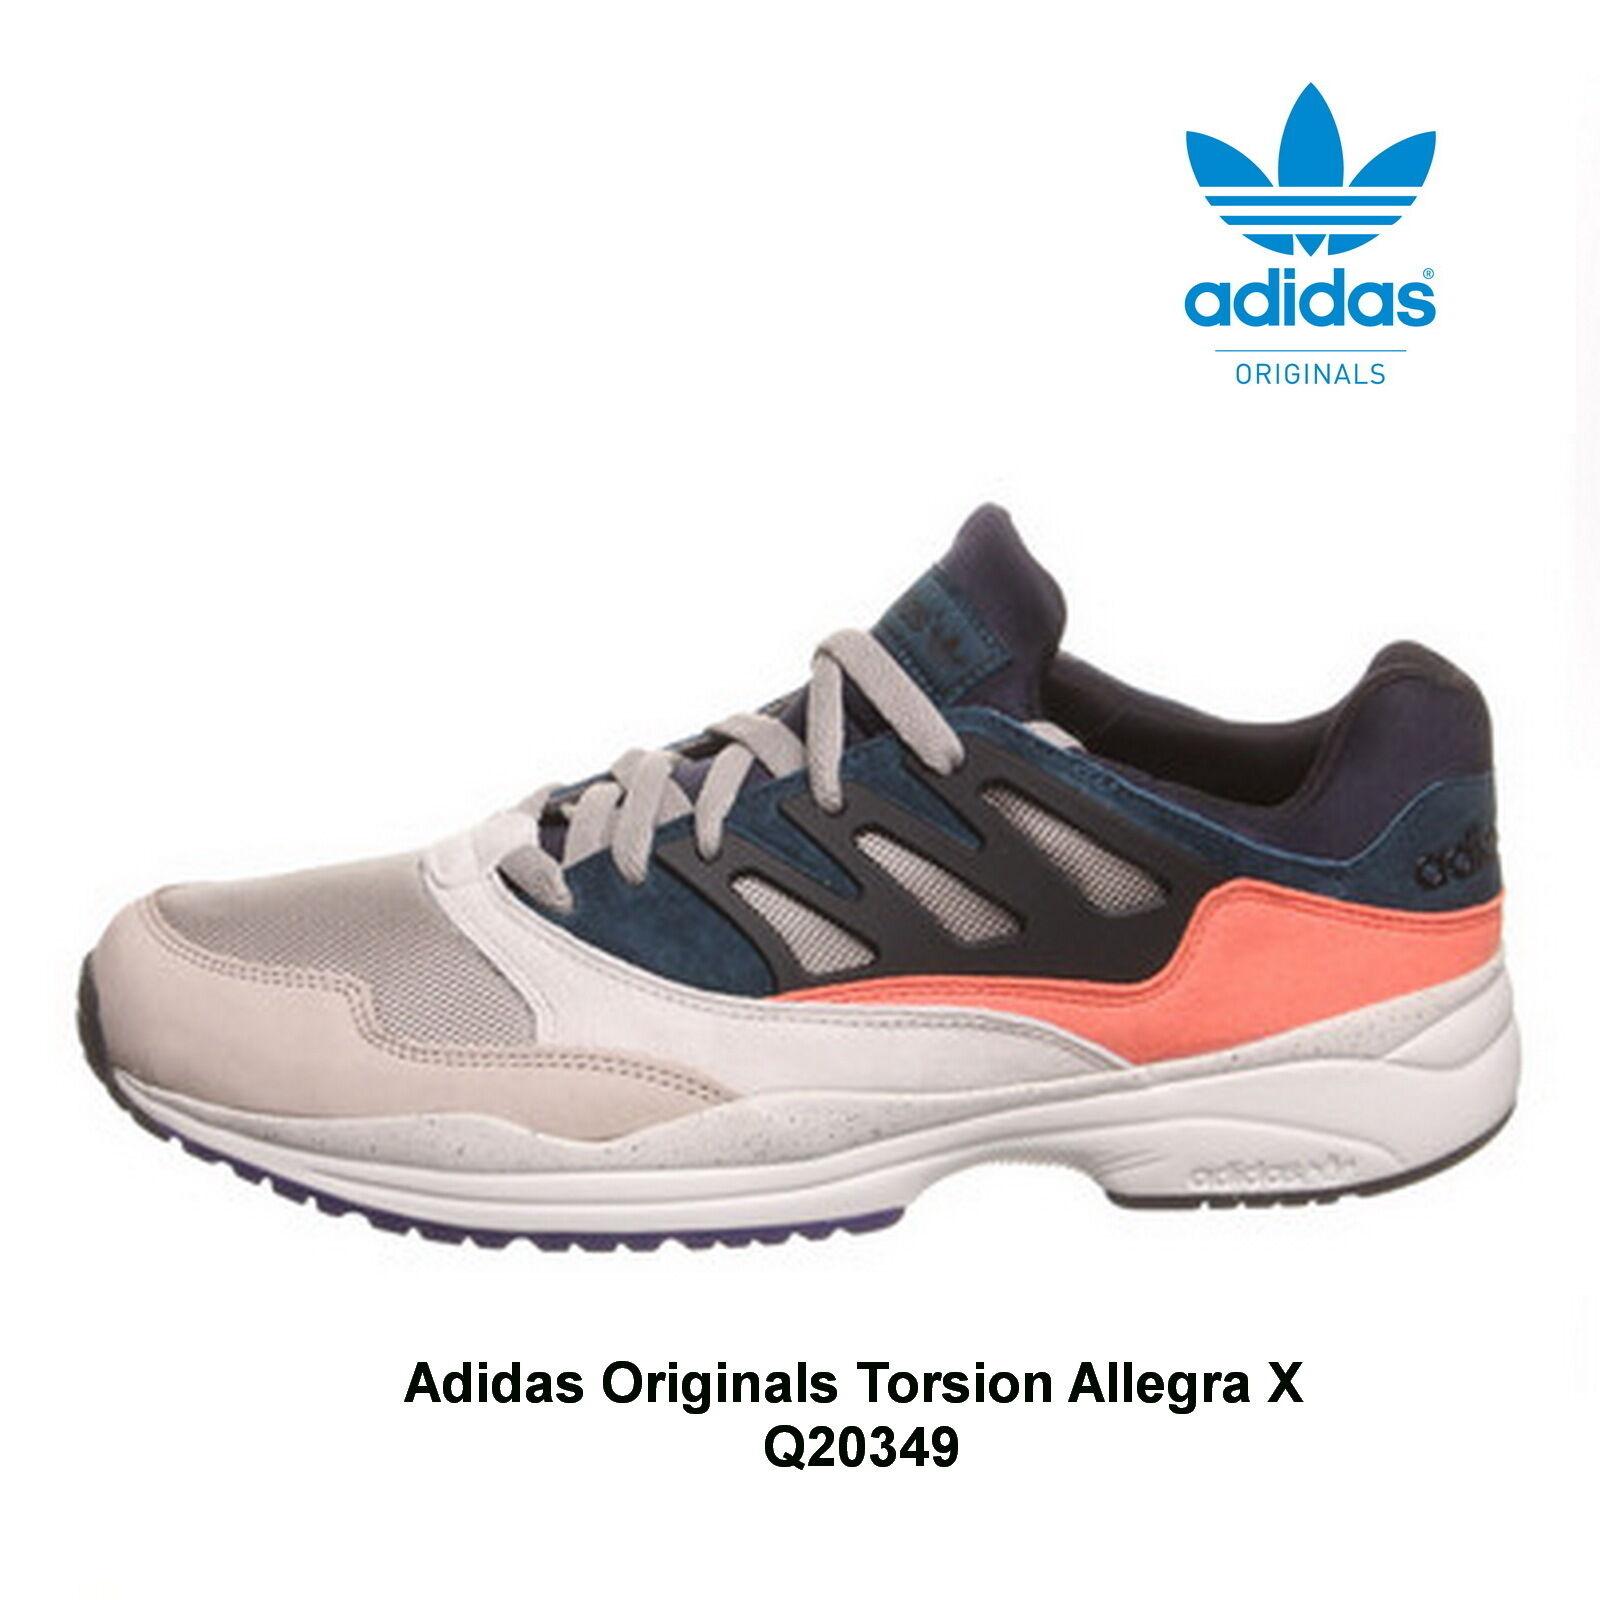 Los zapatos más populares para hombres y mujeres Adidas torsion allegra x señores q20349 FB. colsil/Black 1/blicor